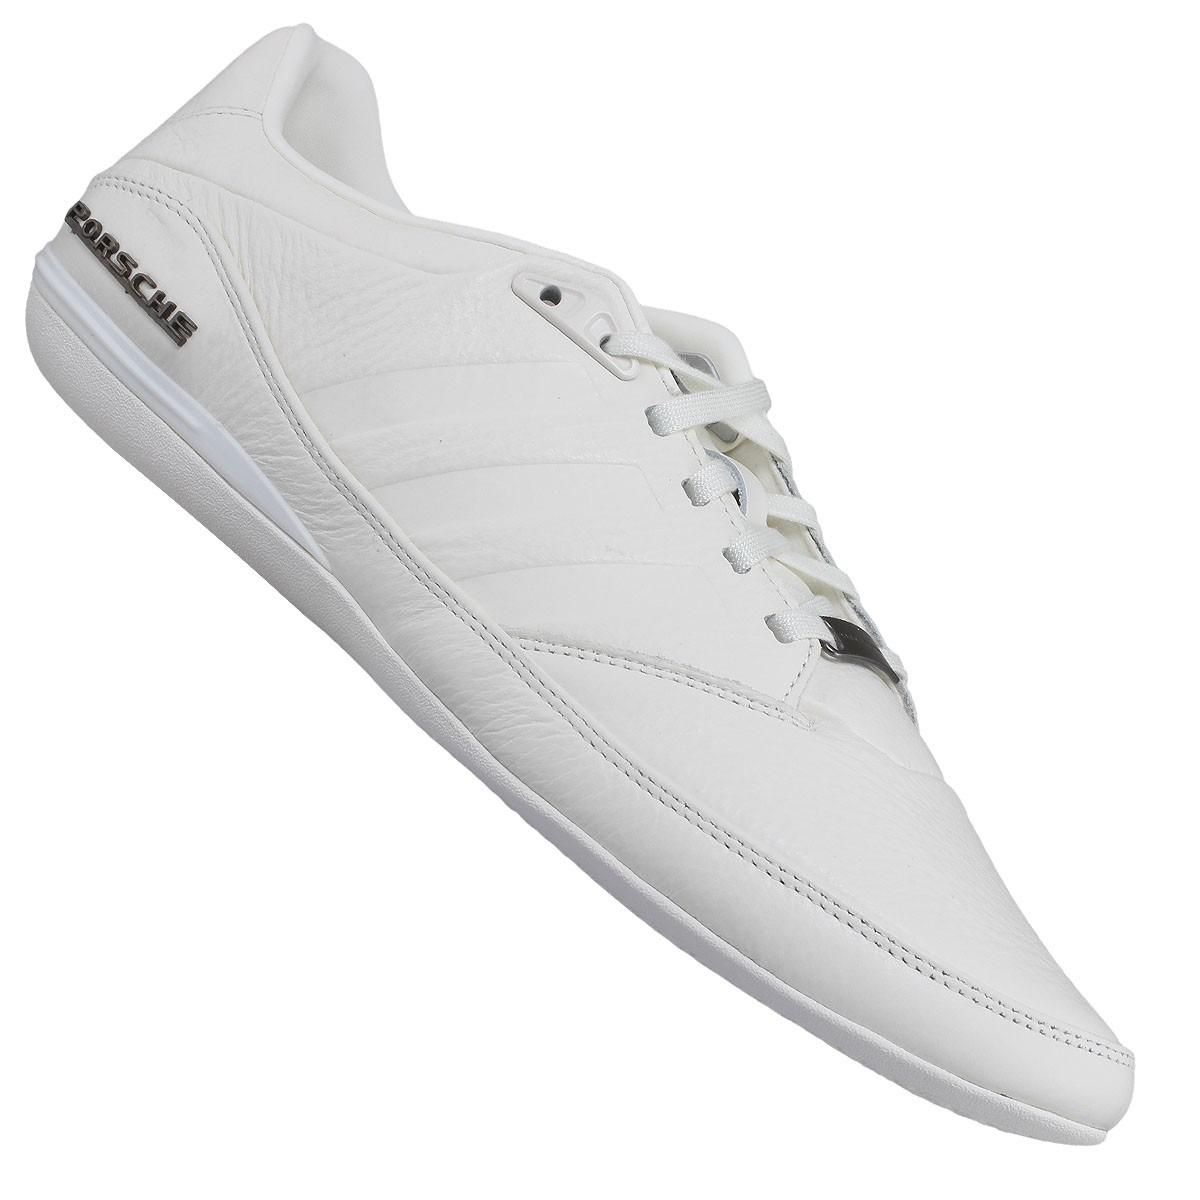 new styles f0e0a 944ef adidas porsche typ 64 coral